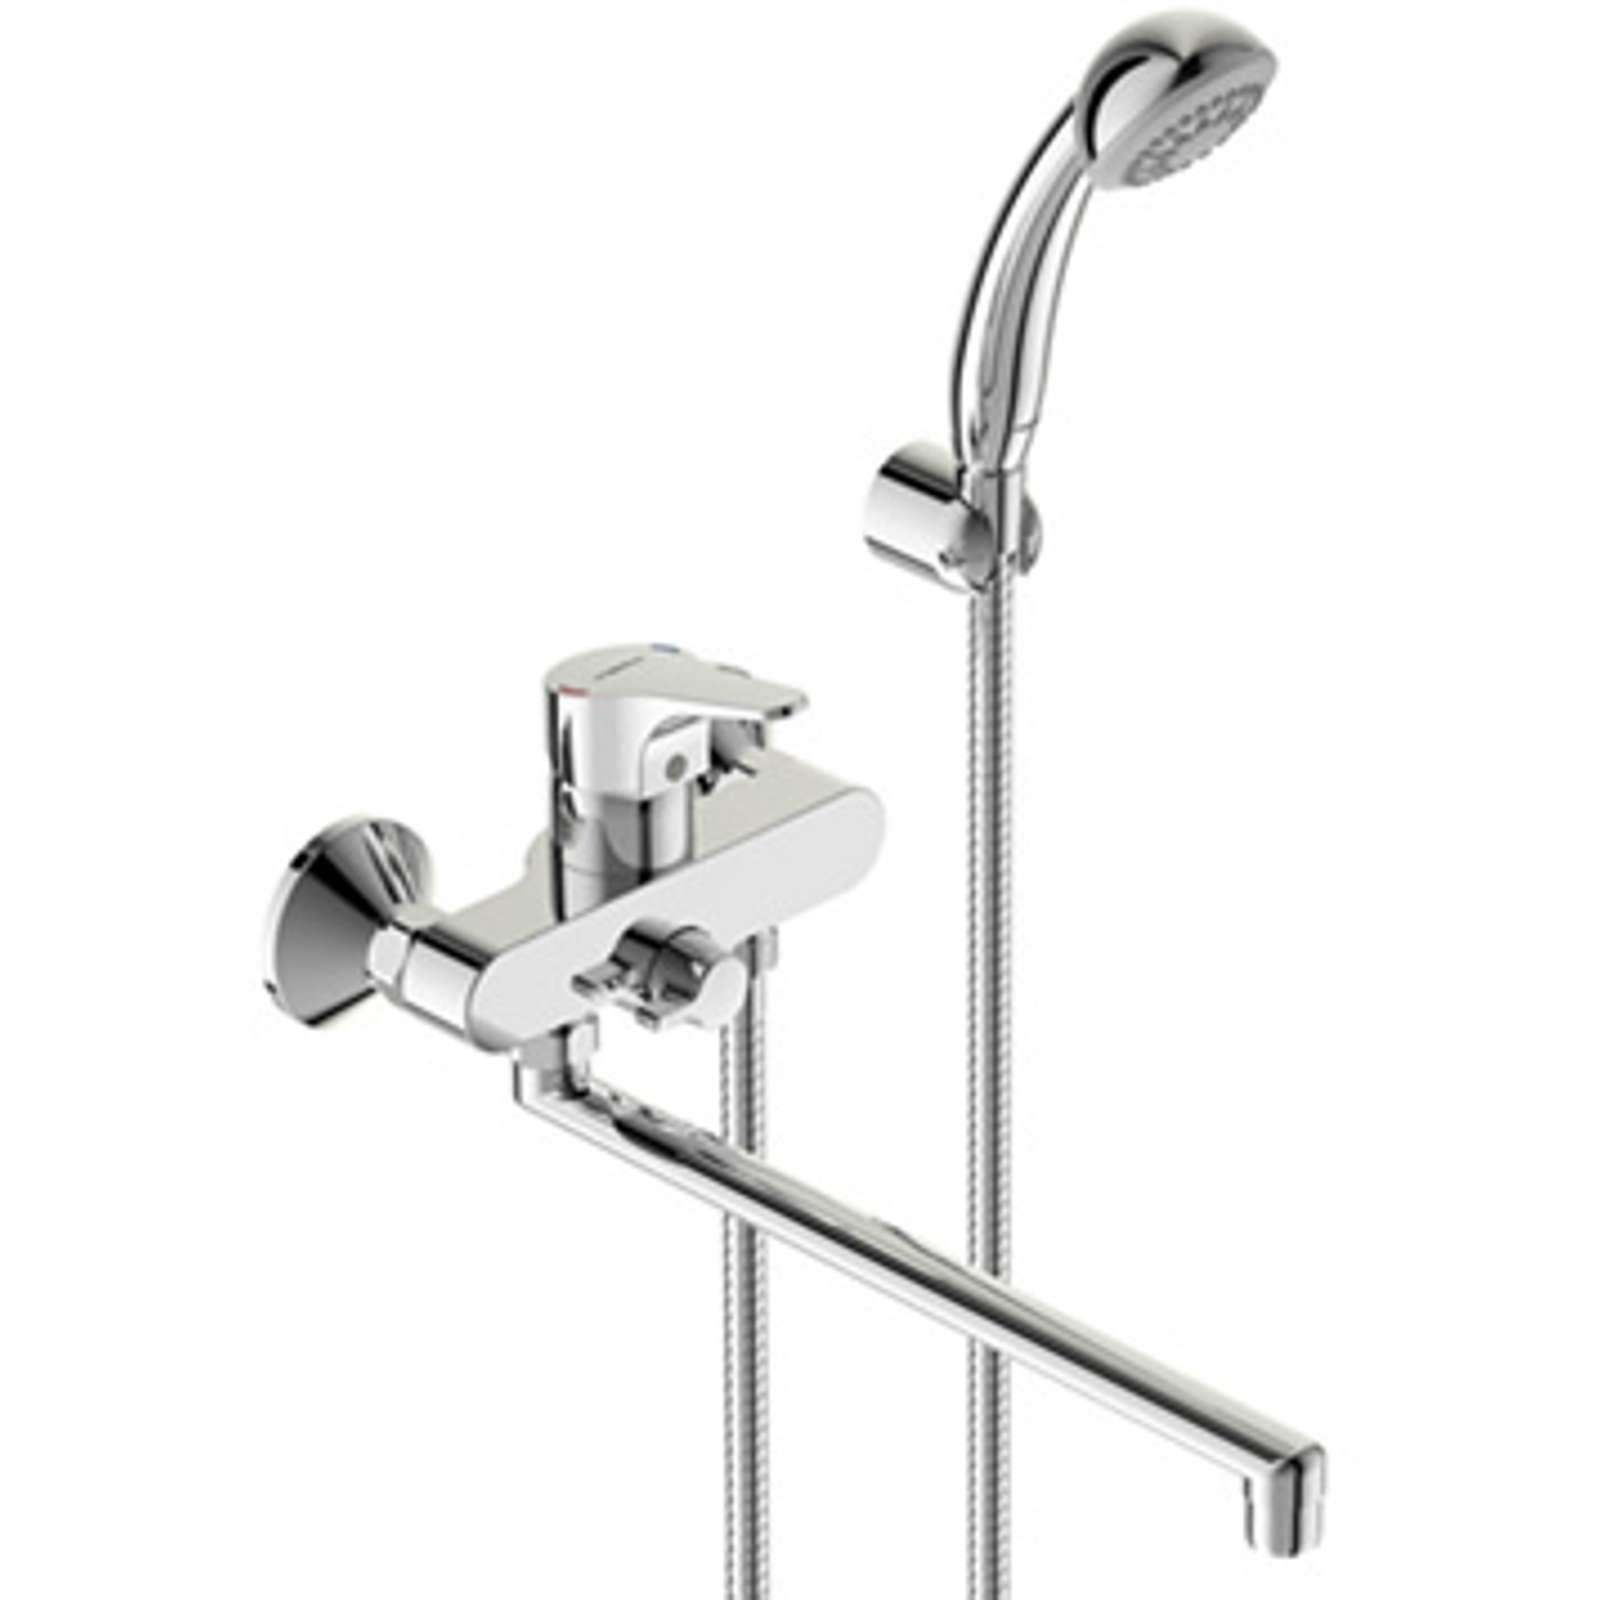 Смеситель для ванной купить в челябинске Смеситель Bandini Ice Cube 2 766.340/04 Cr на борт ванны